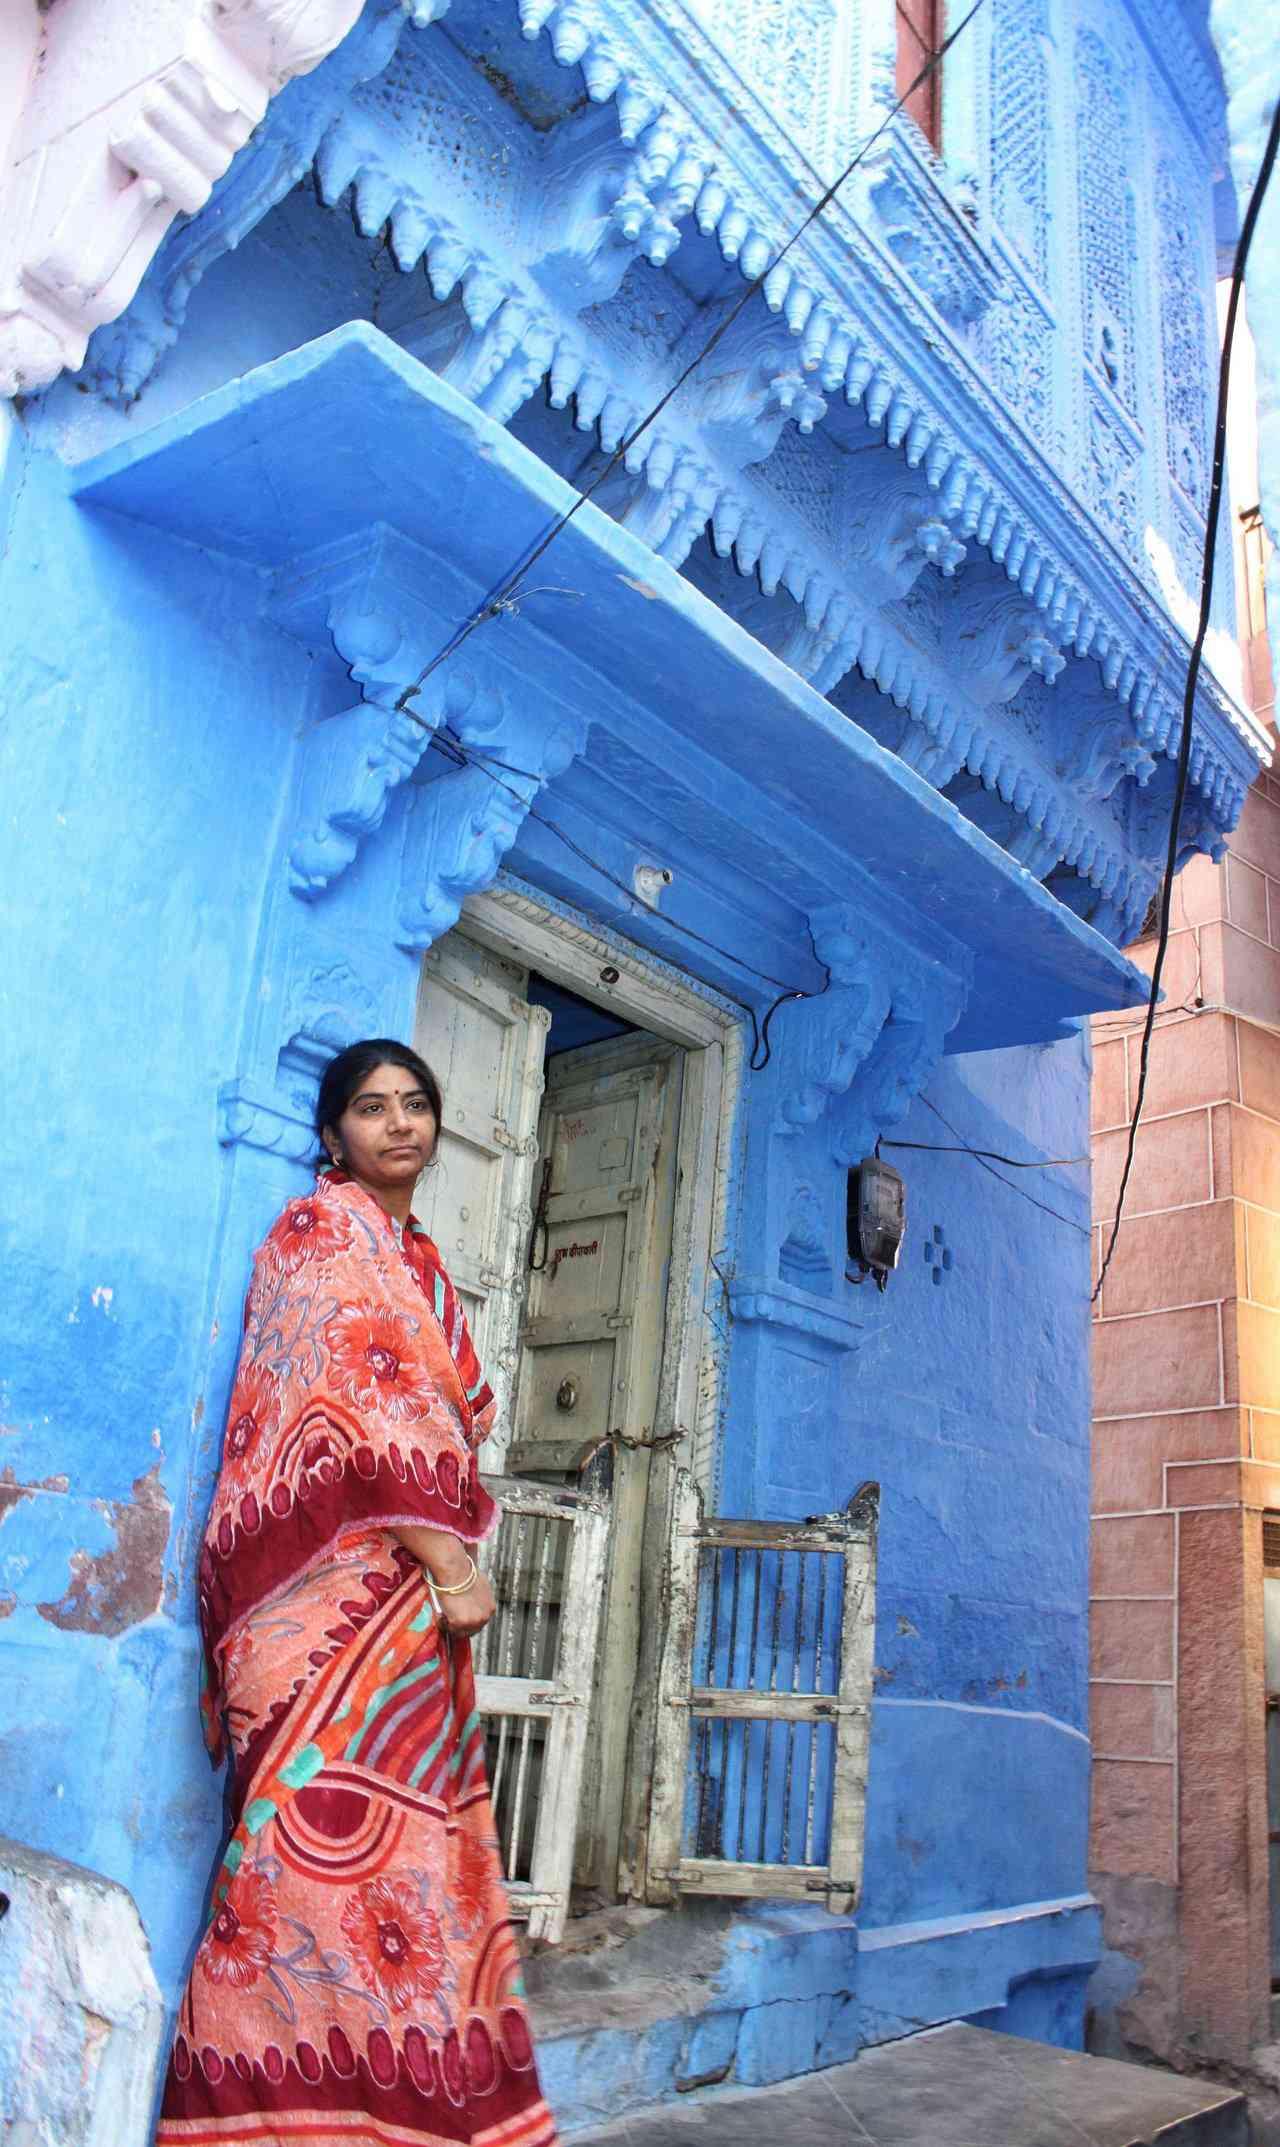 0 cb320 7681d5c4 orig A cidade azul da Índia